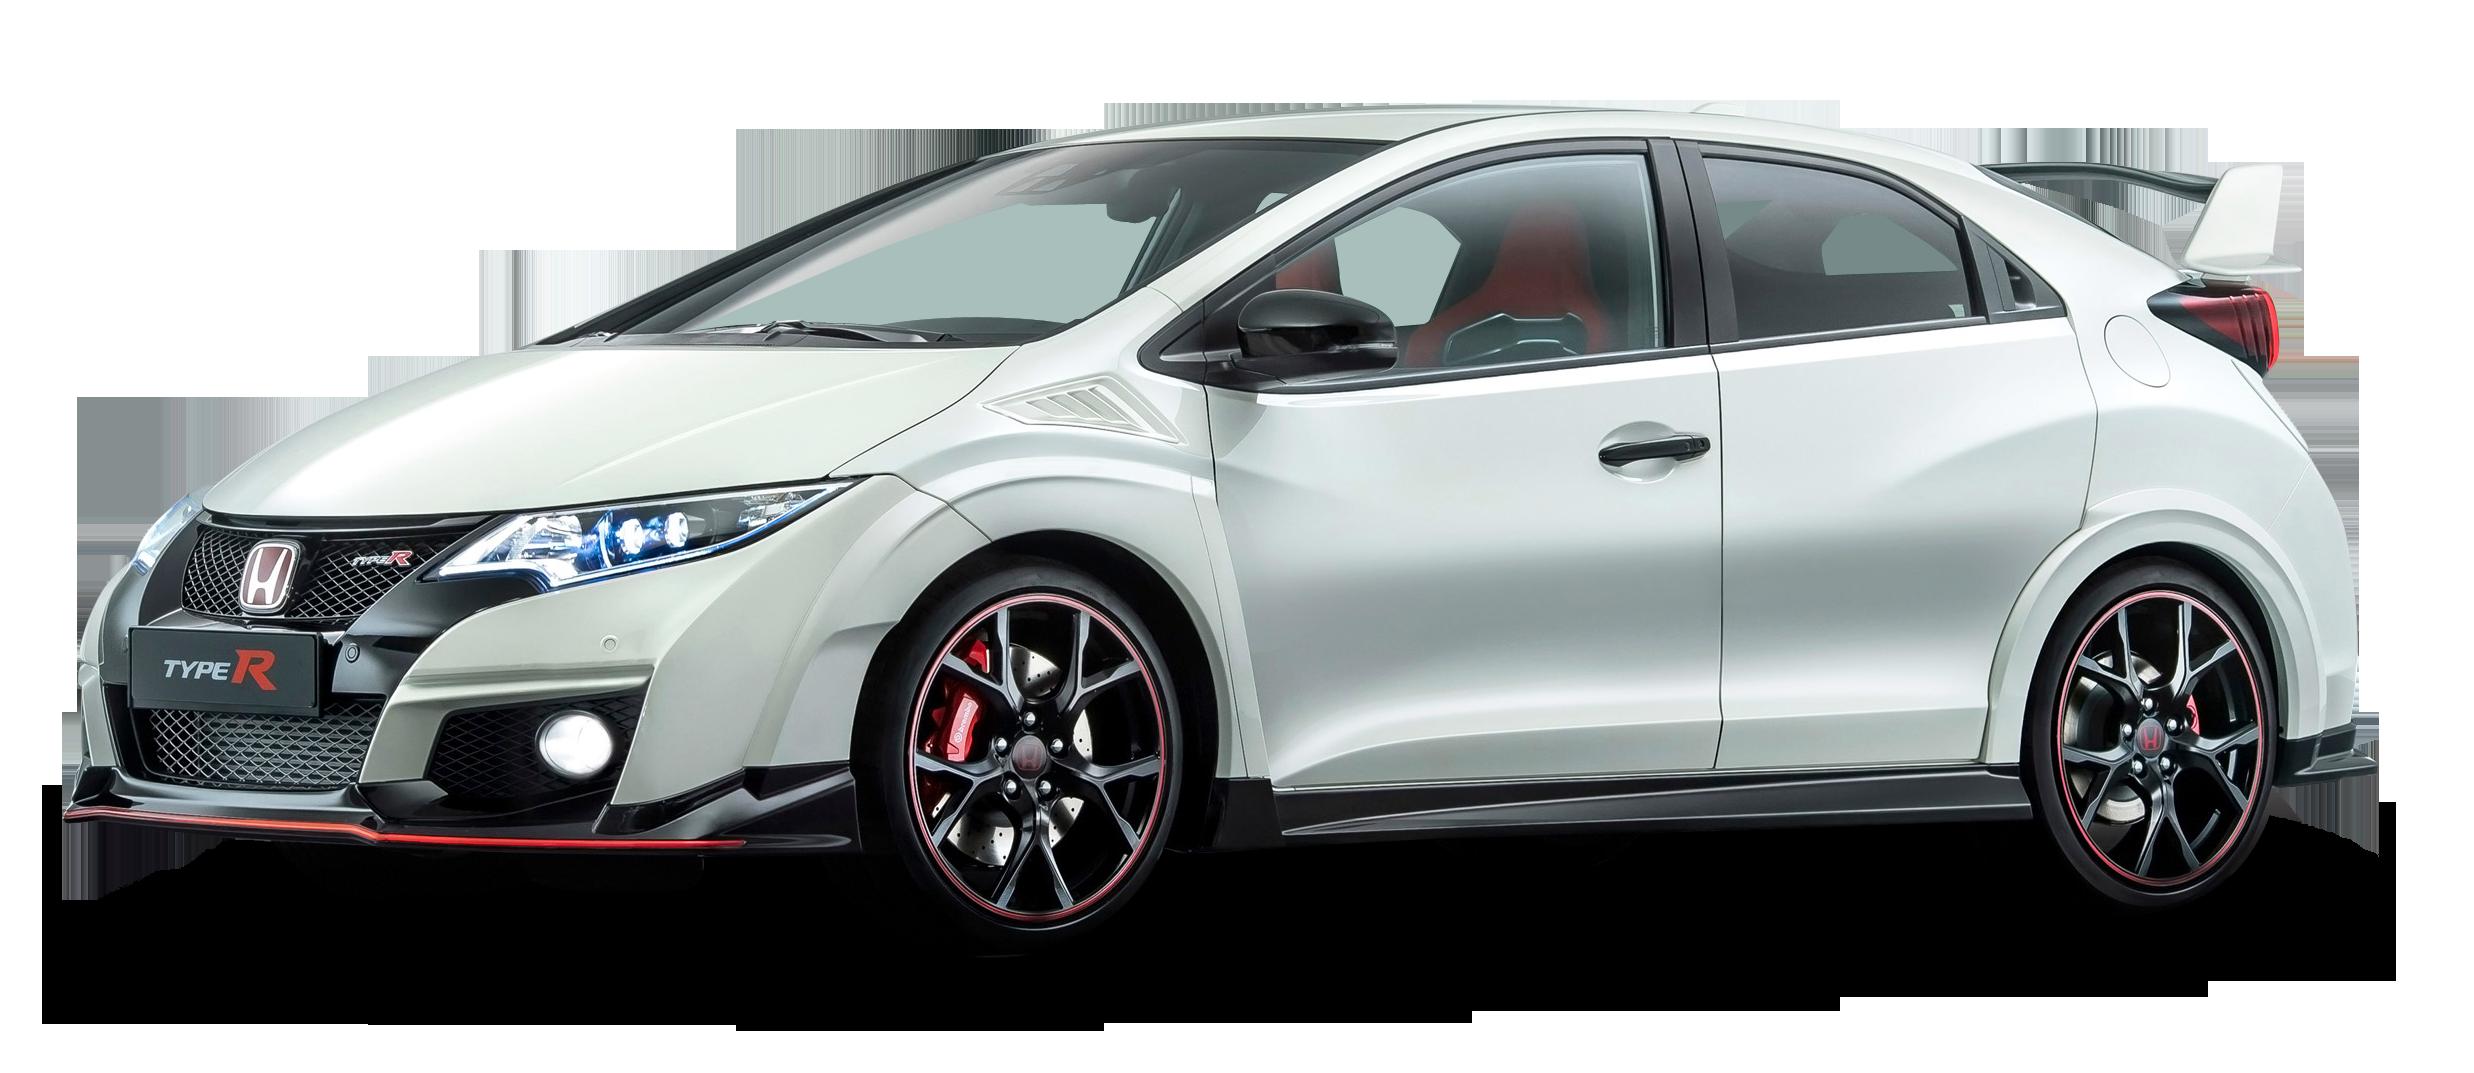 Honda civic type r PNG Images.